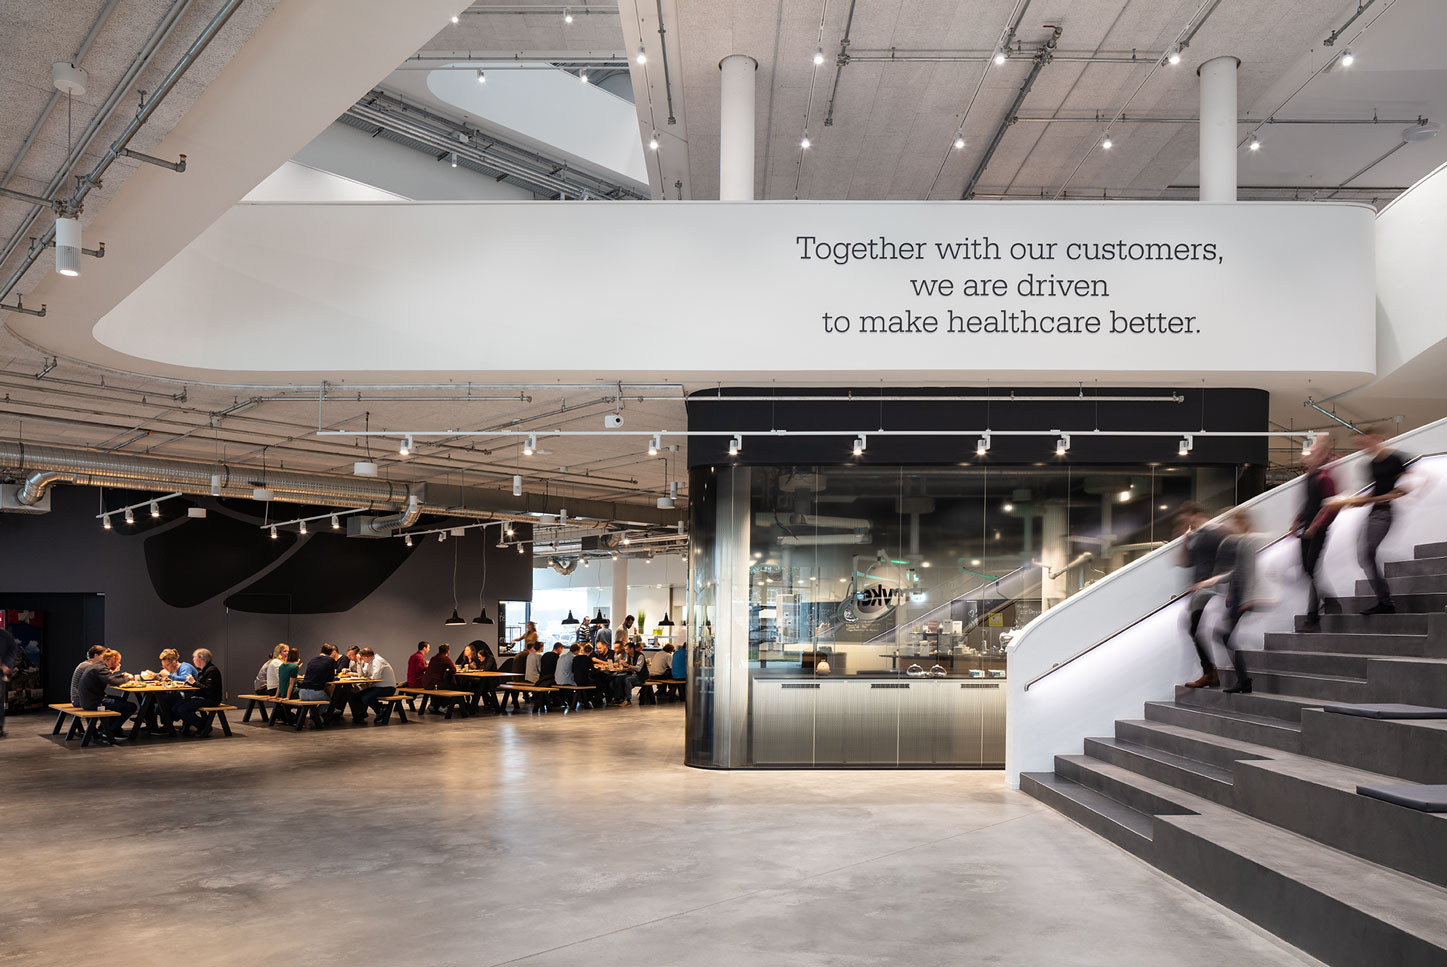 tga_stryker_innovation-center_01